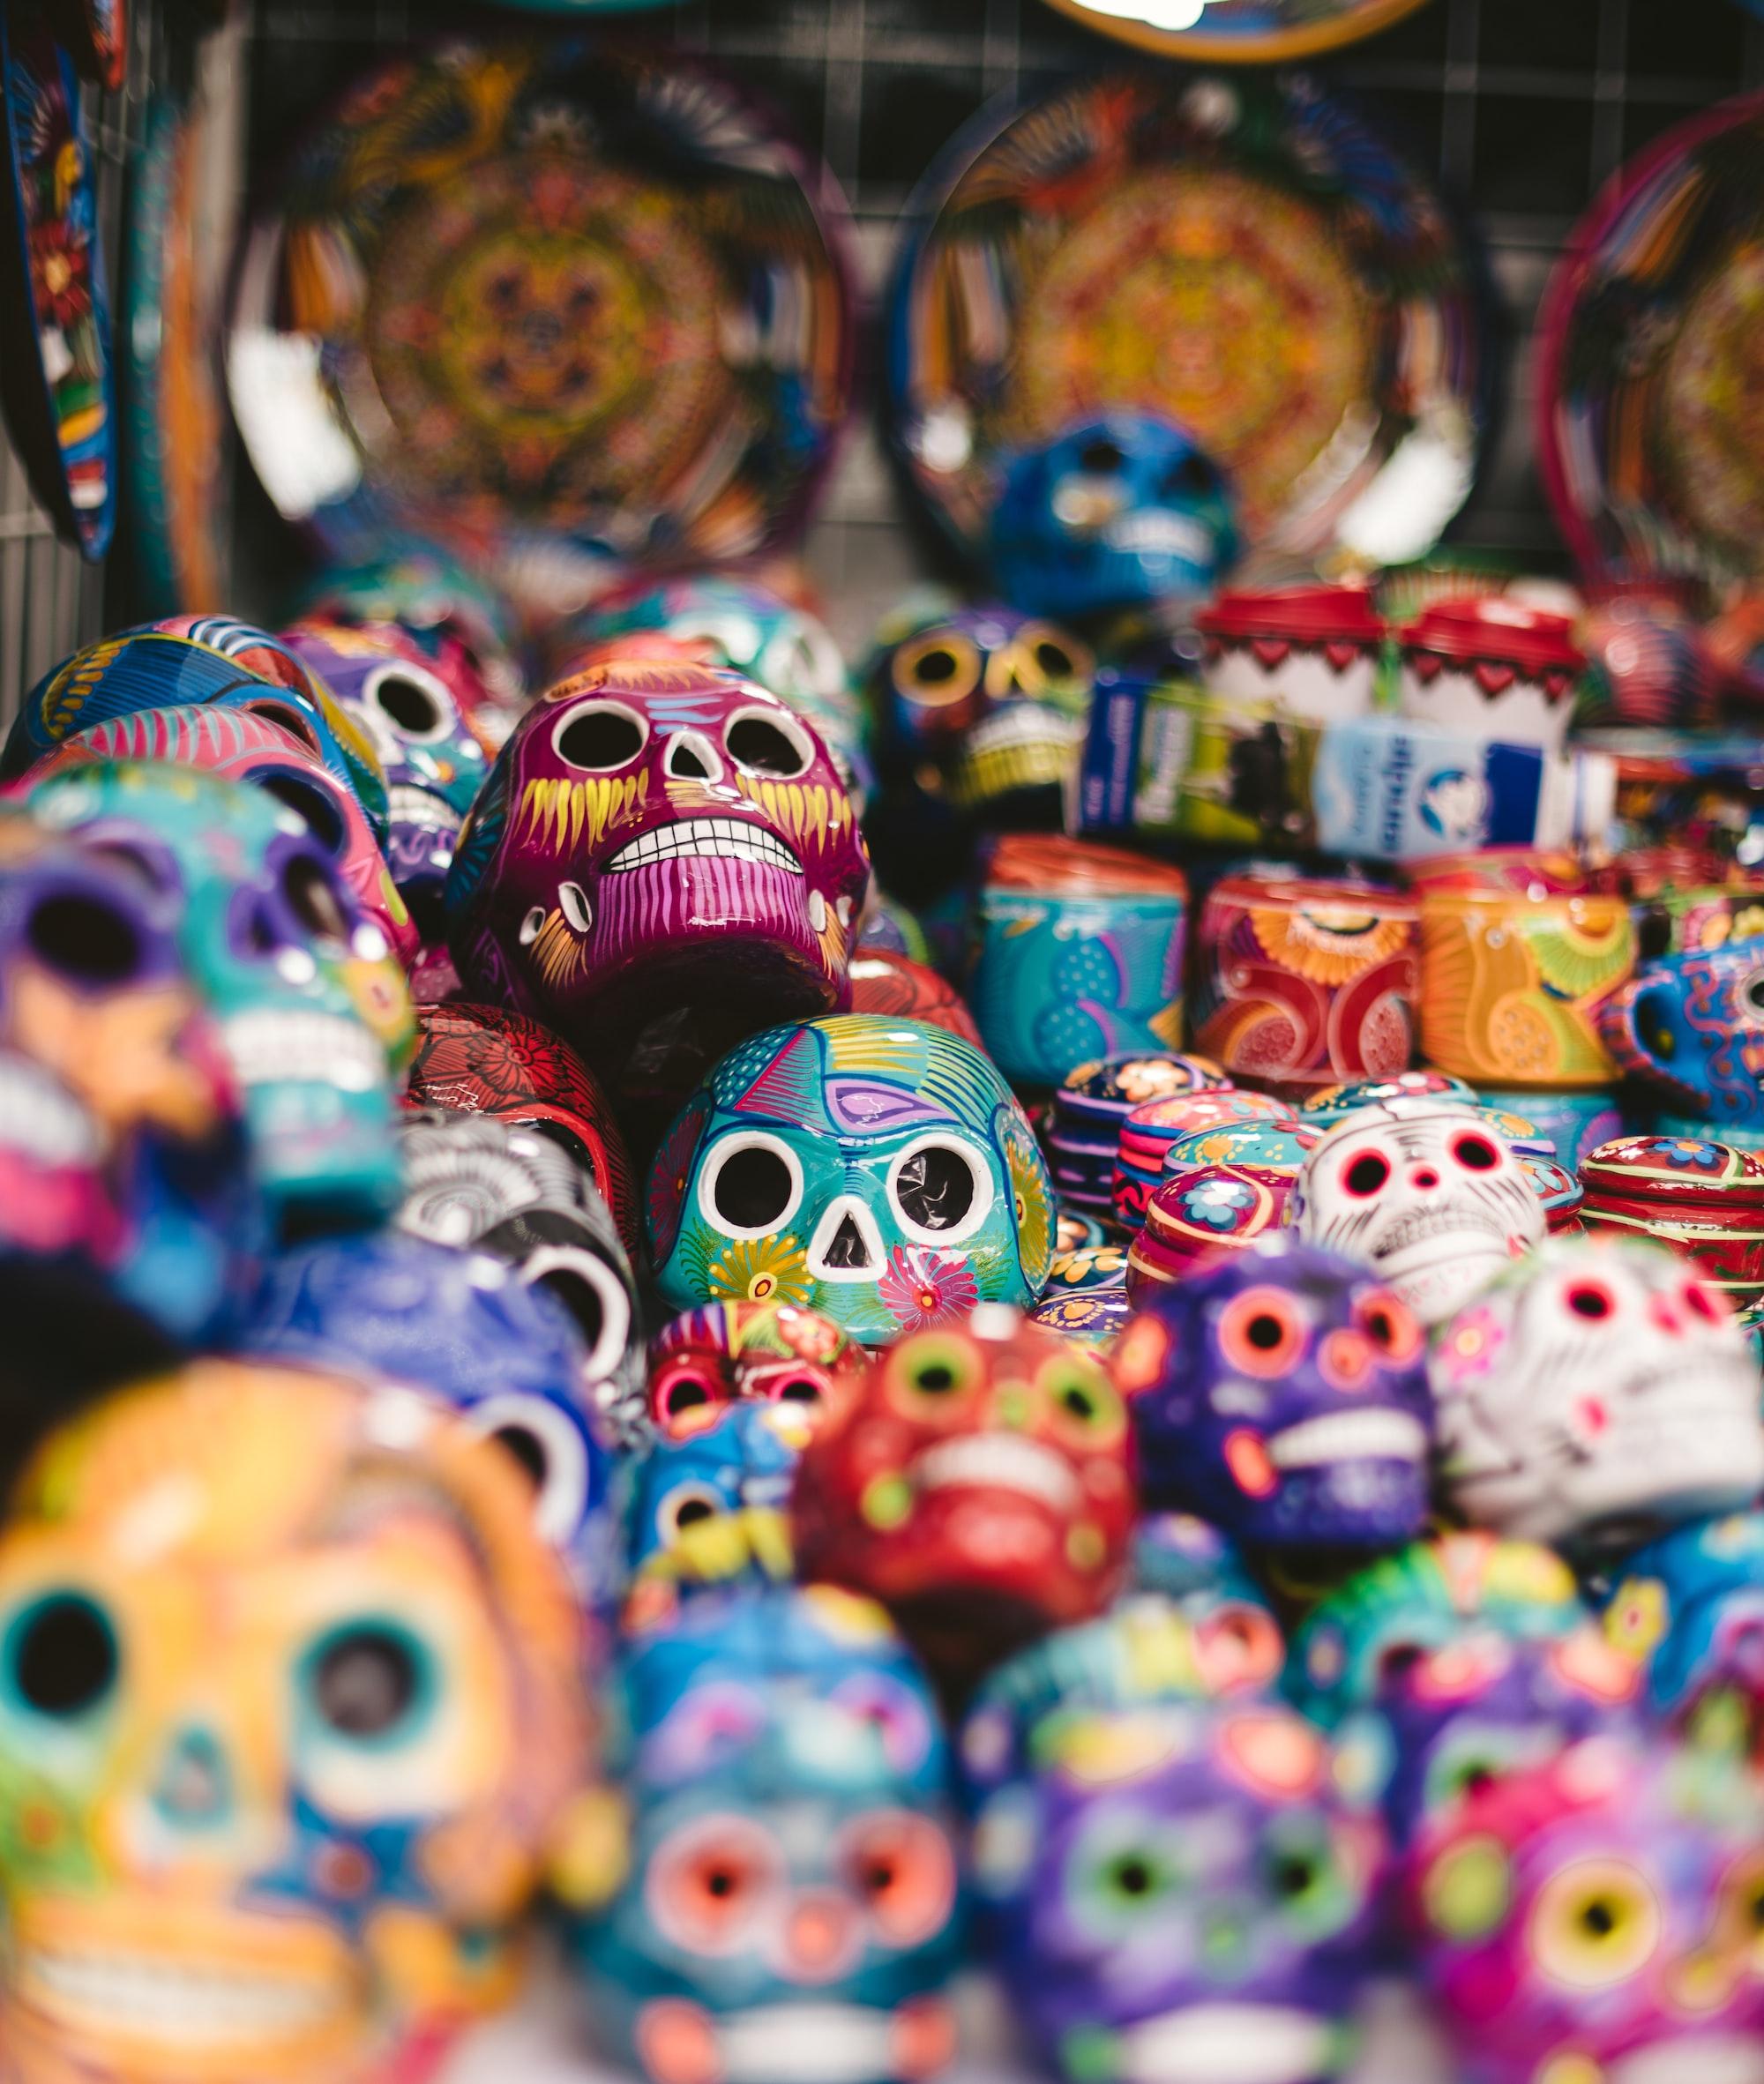 Colorful skulls for sale in Mexico City during Día de los Muertos.